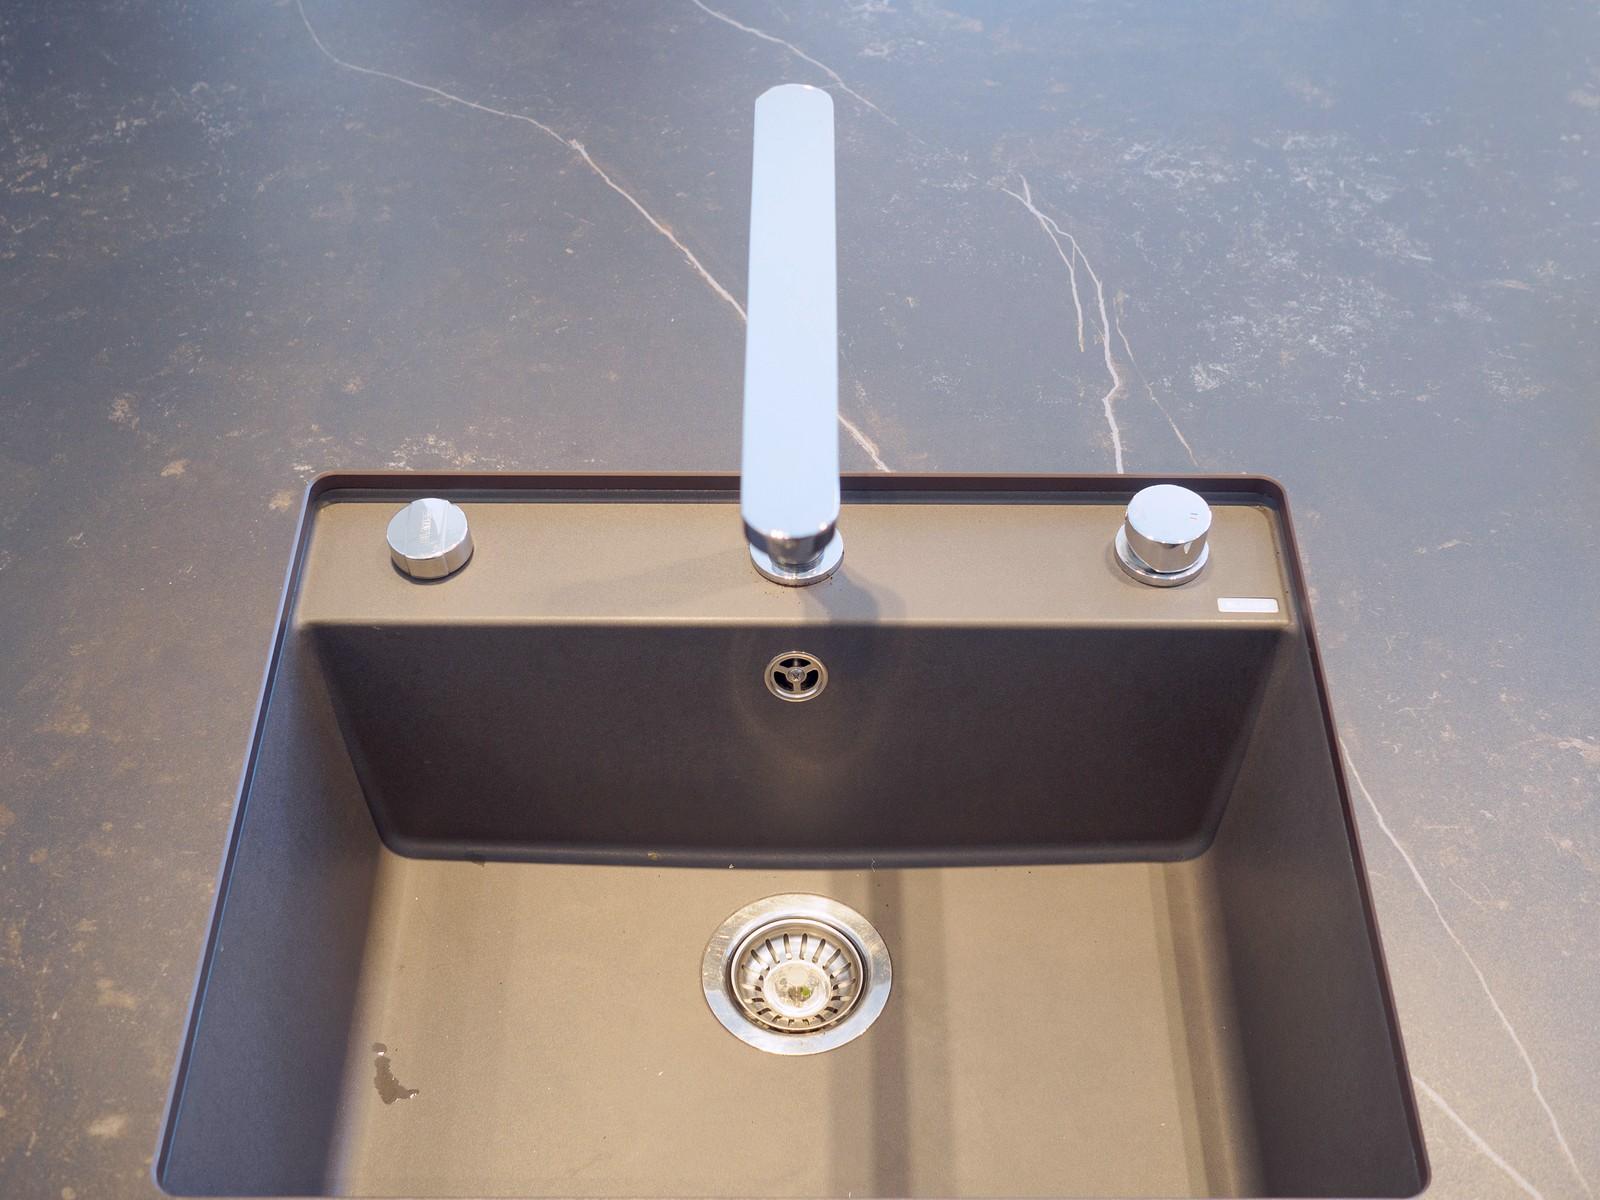 Leicht Kueche Grifflos Weiss Beton Fronten Arbeitsplatte Keramik Miele Elektro Kochmuldenluefter 10